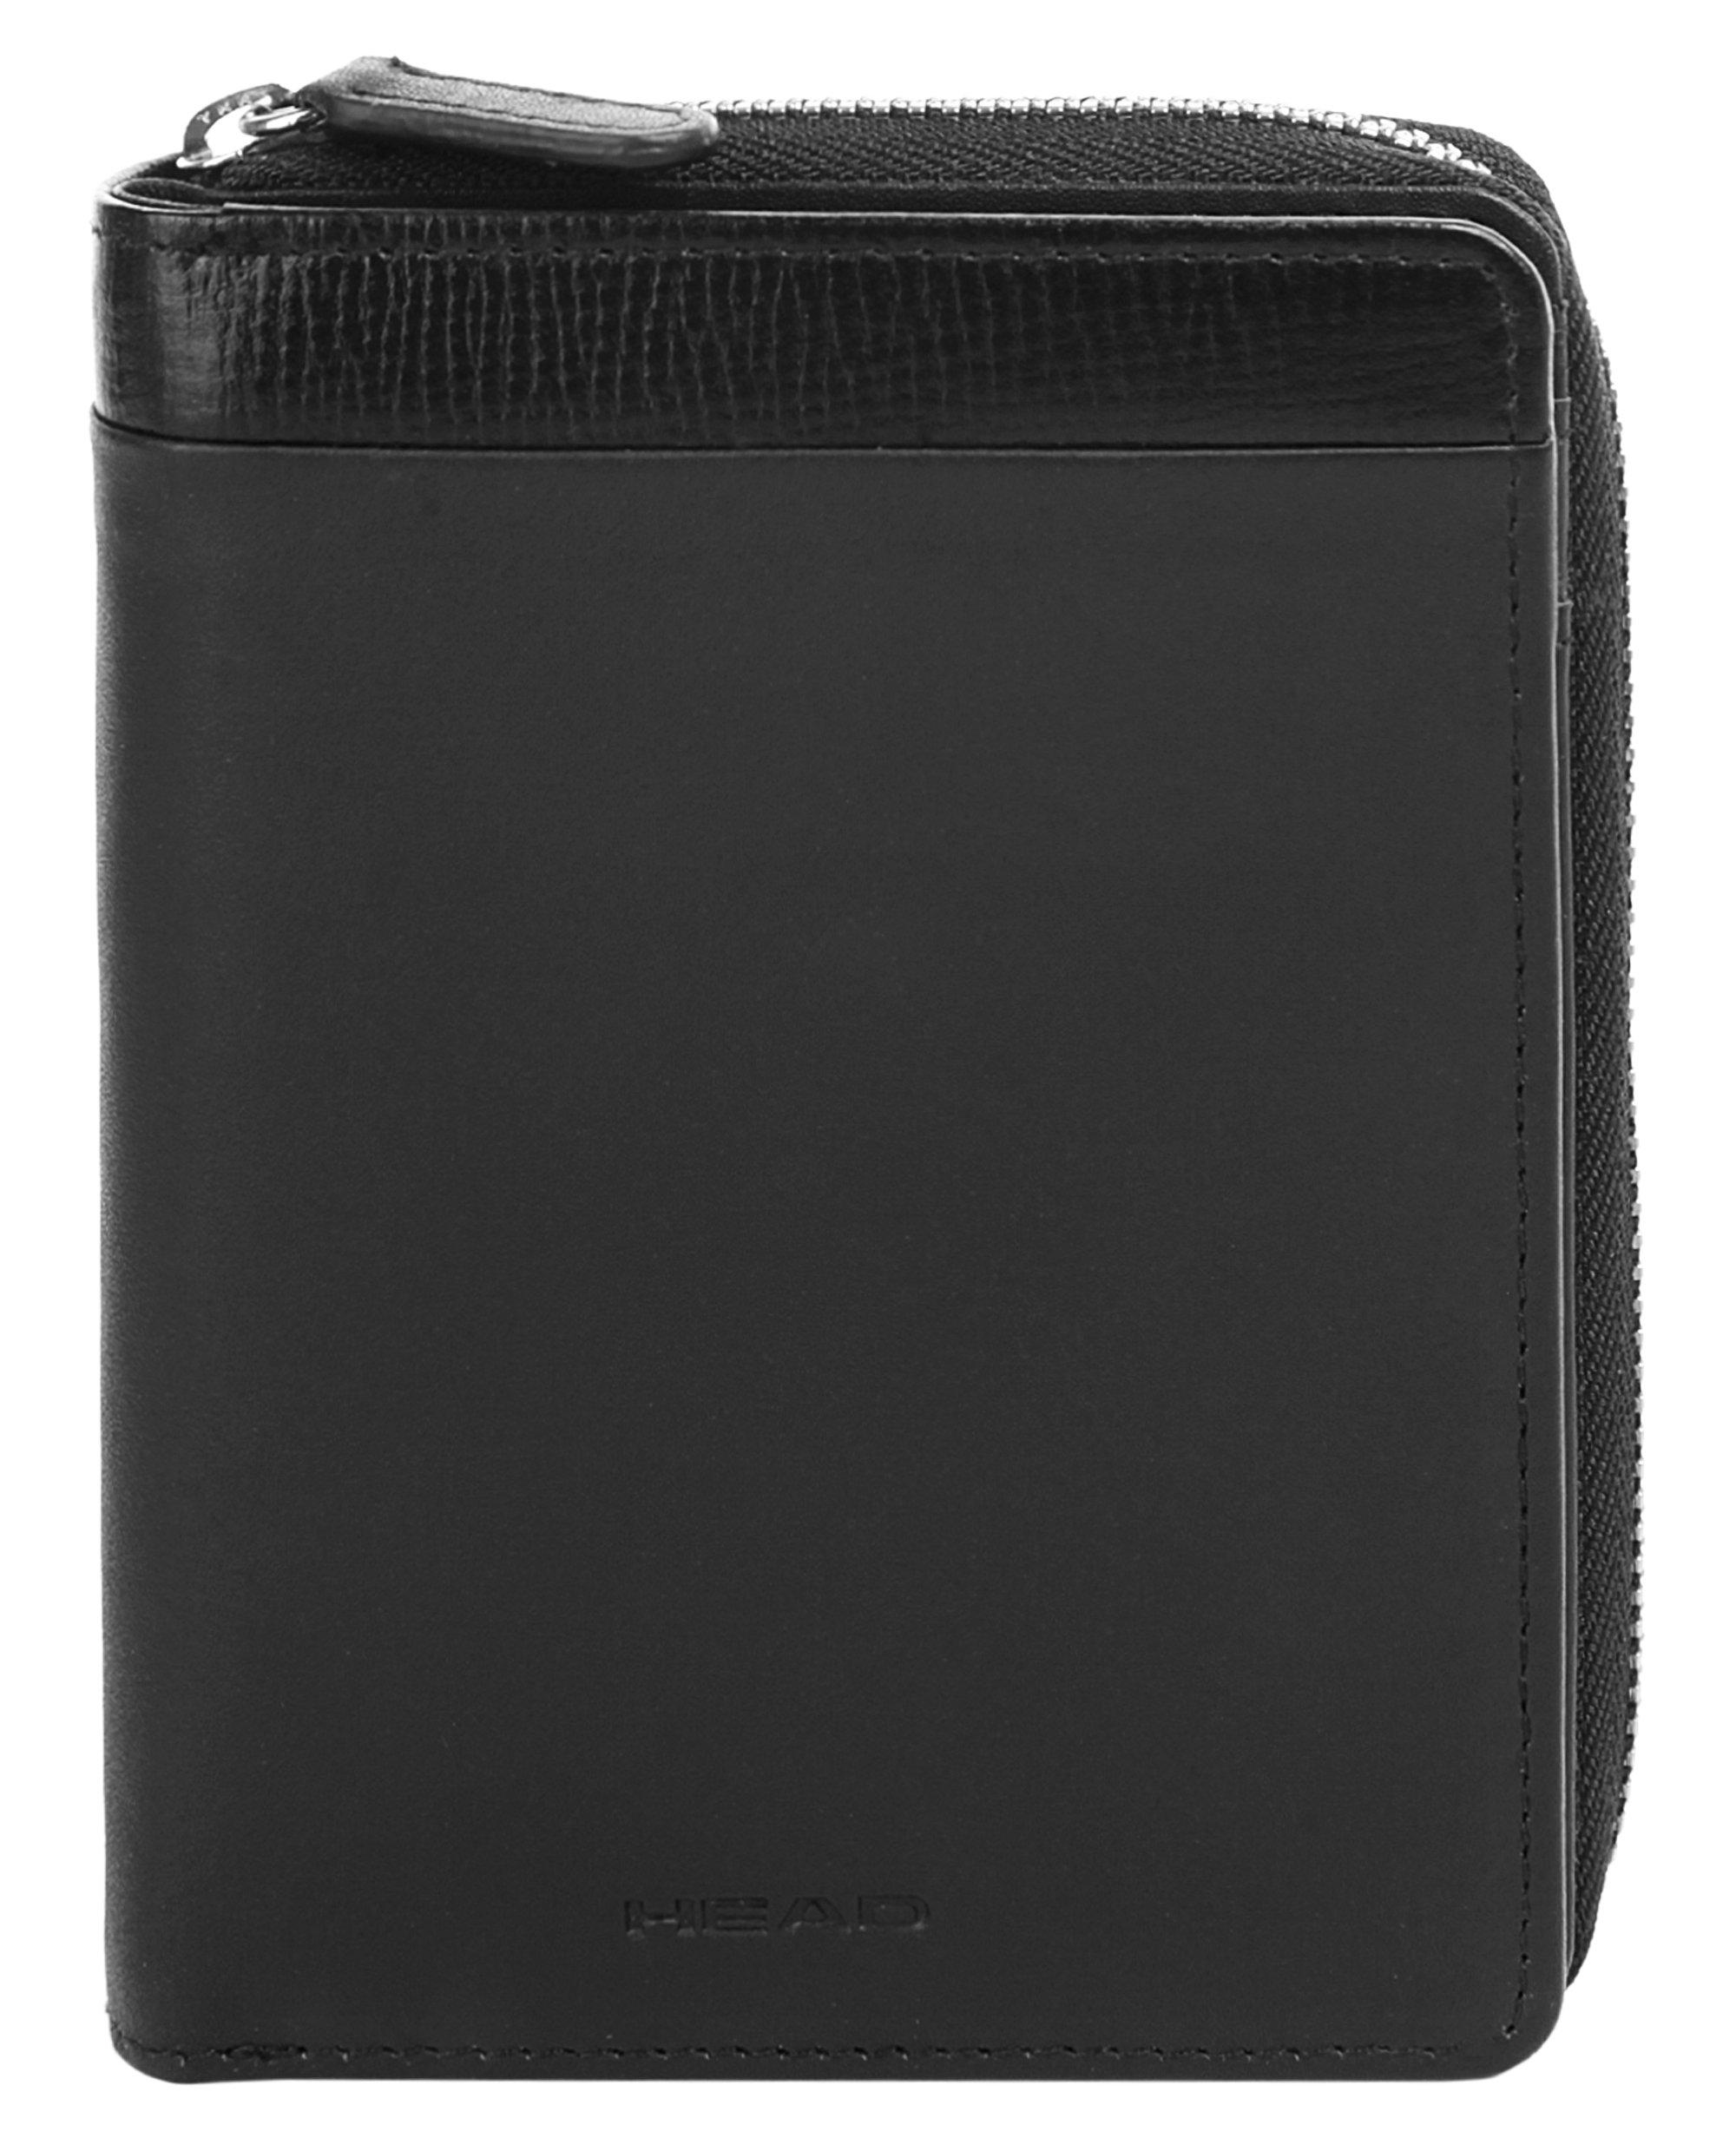 Head portemonnee »GILDE-RFID« voordelig en veilig online kopen